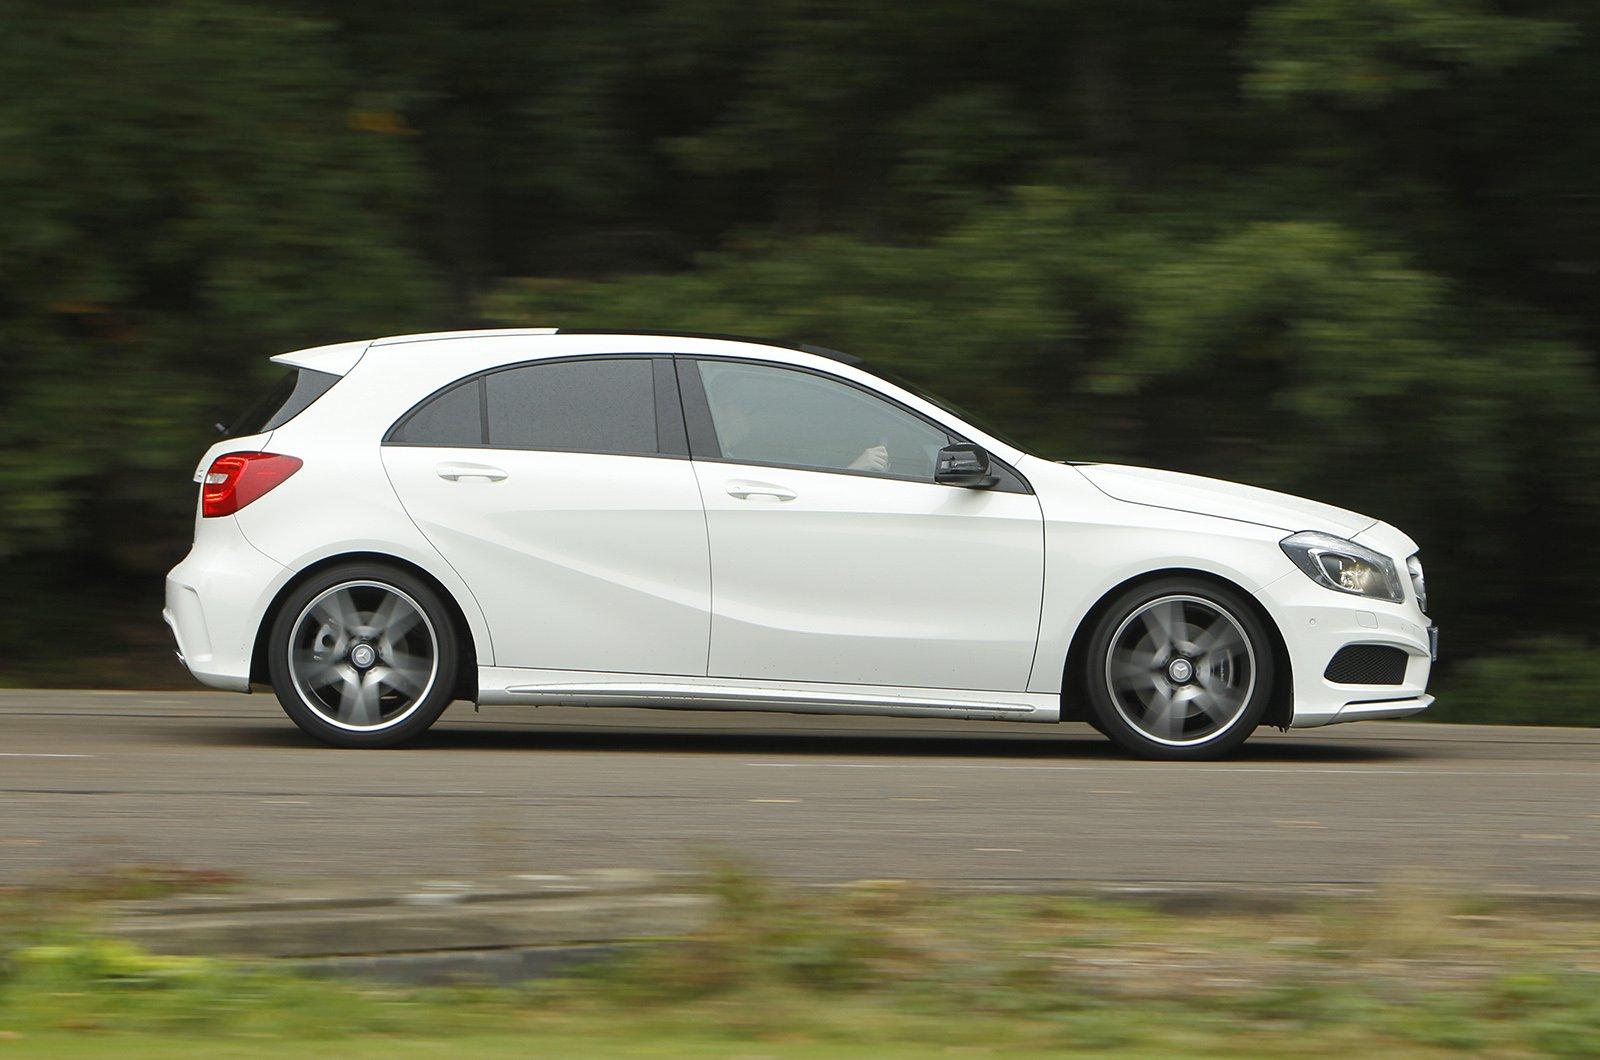 Mercedes A-Class panning